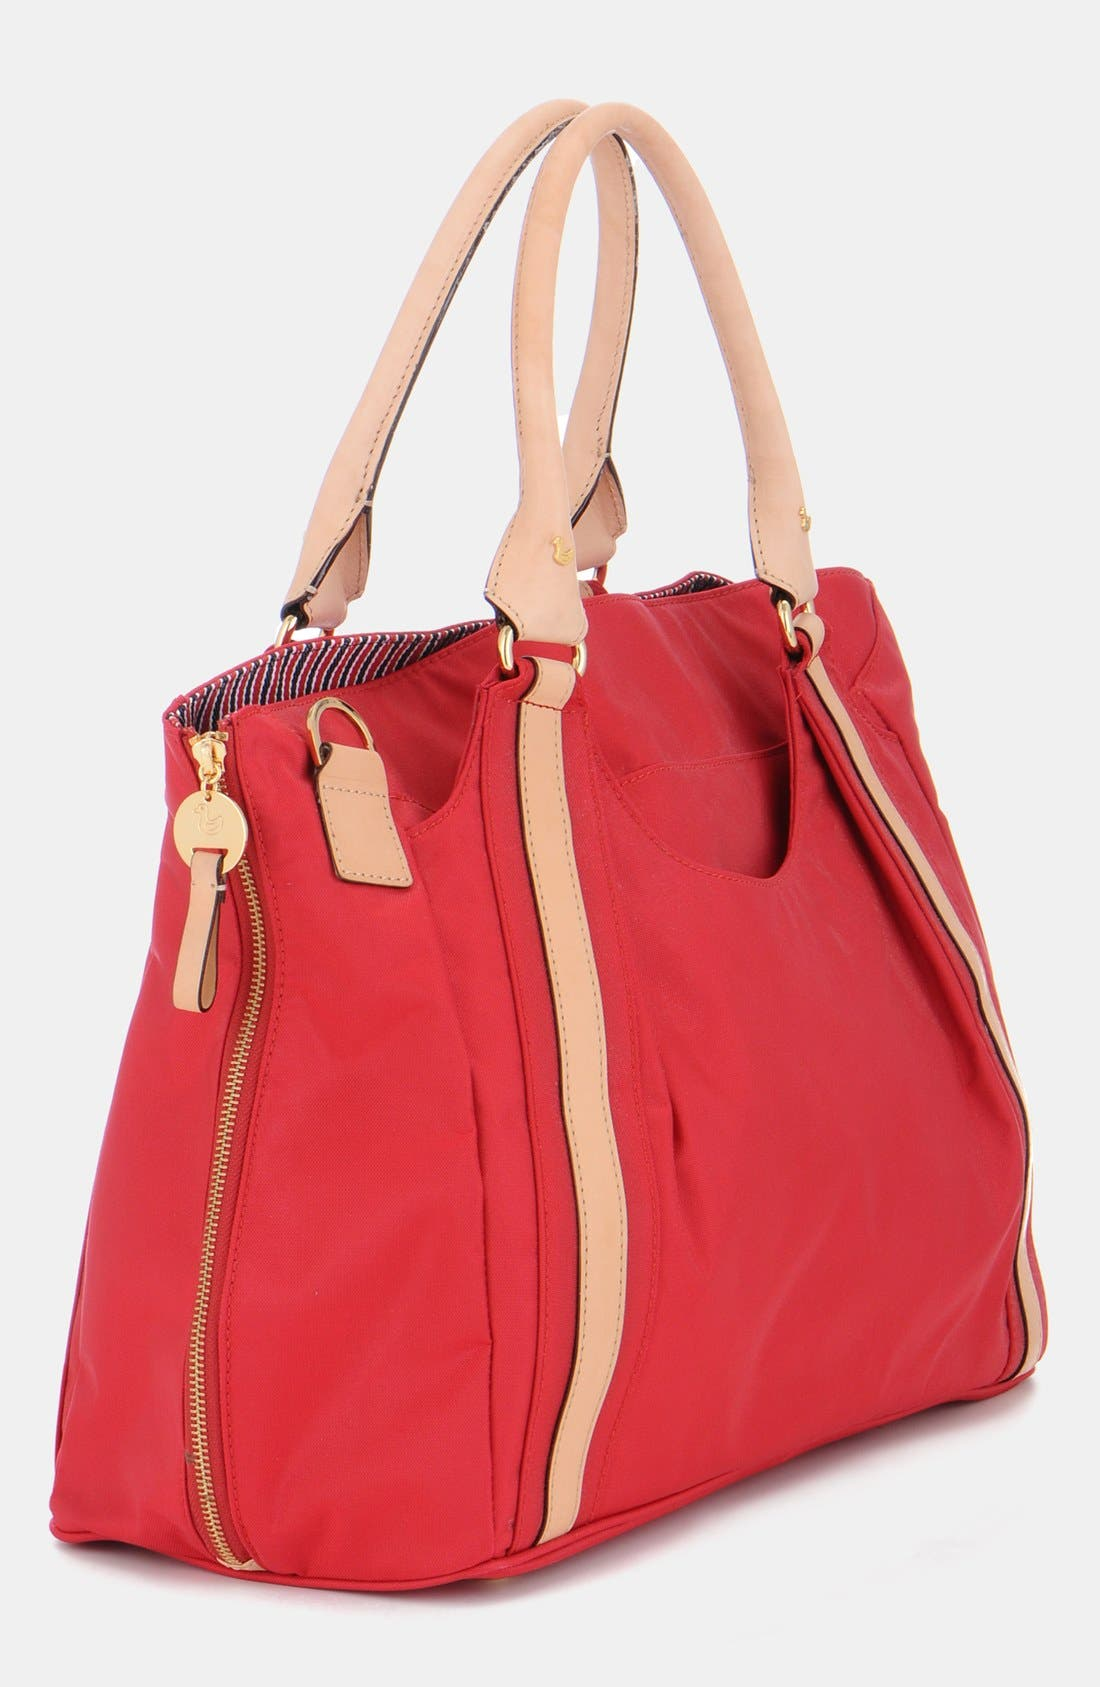 Alternate Image 1 Selected - Danzo Baby Hobo Diaper Bag